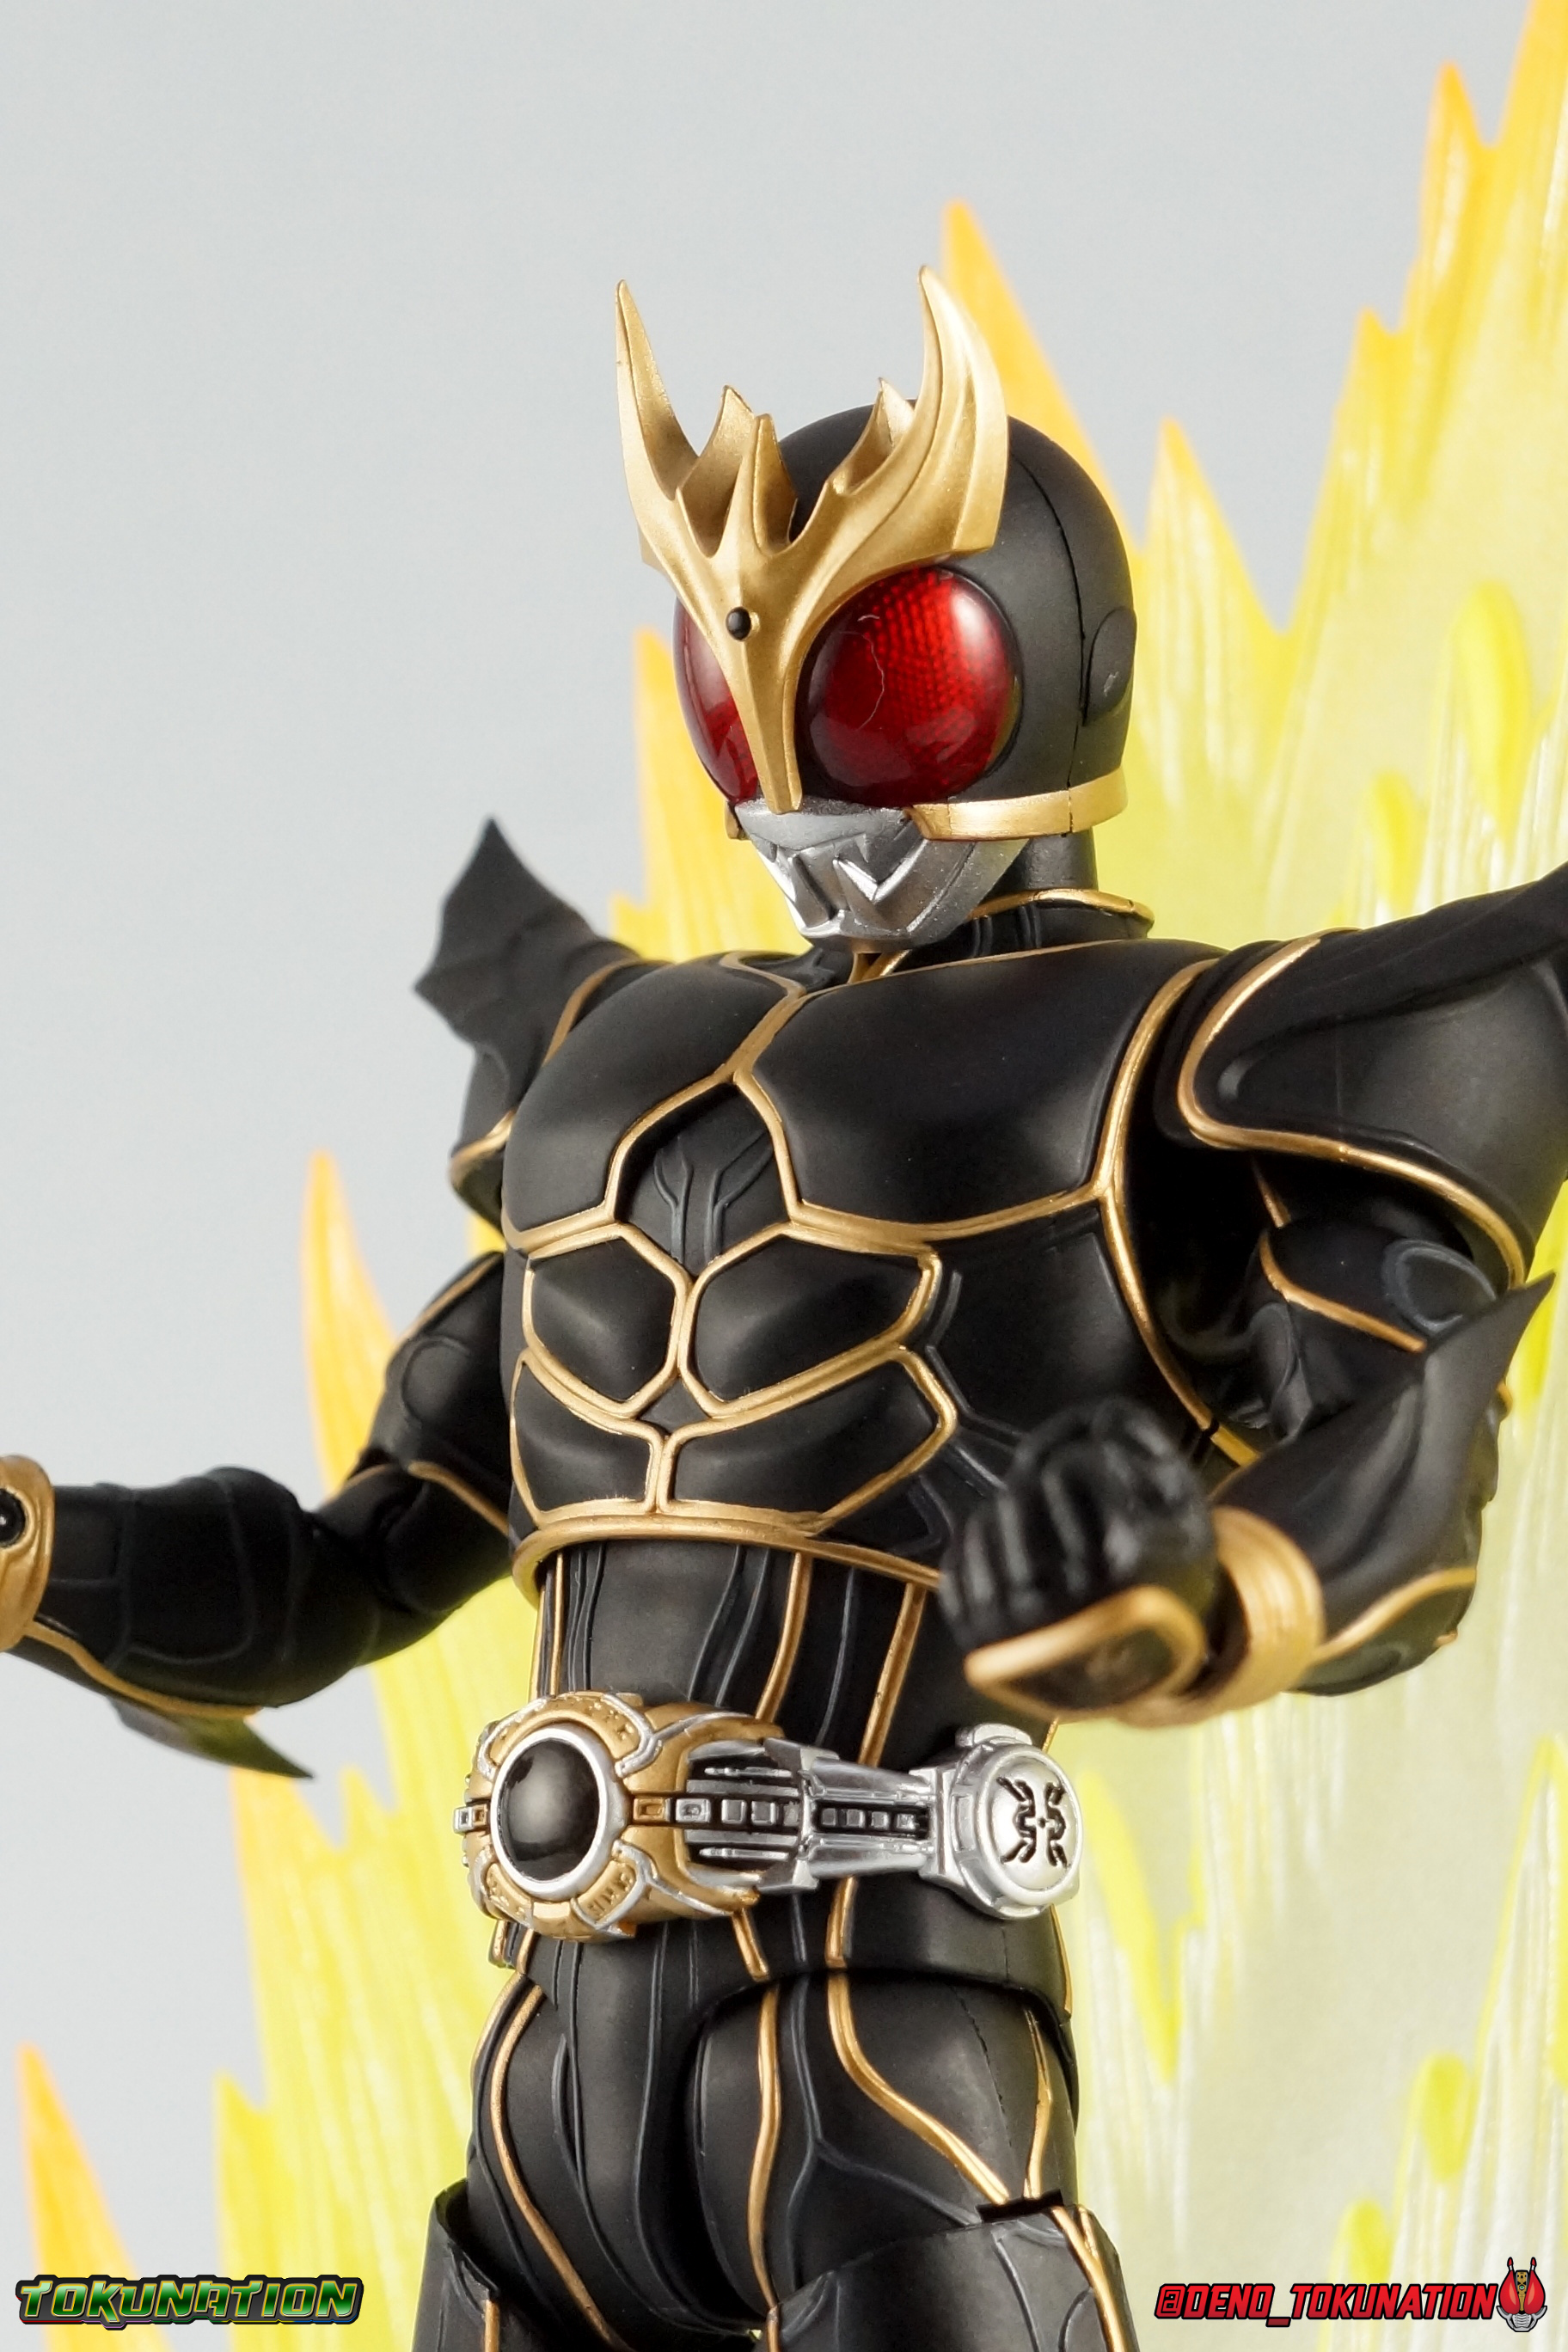 S.H. Figuarts Shinkocchou Seihou Kamen Rider Kuuga Ultimate Form ...